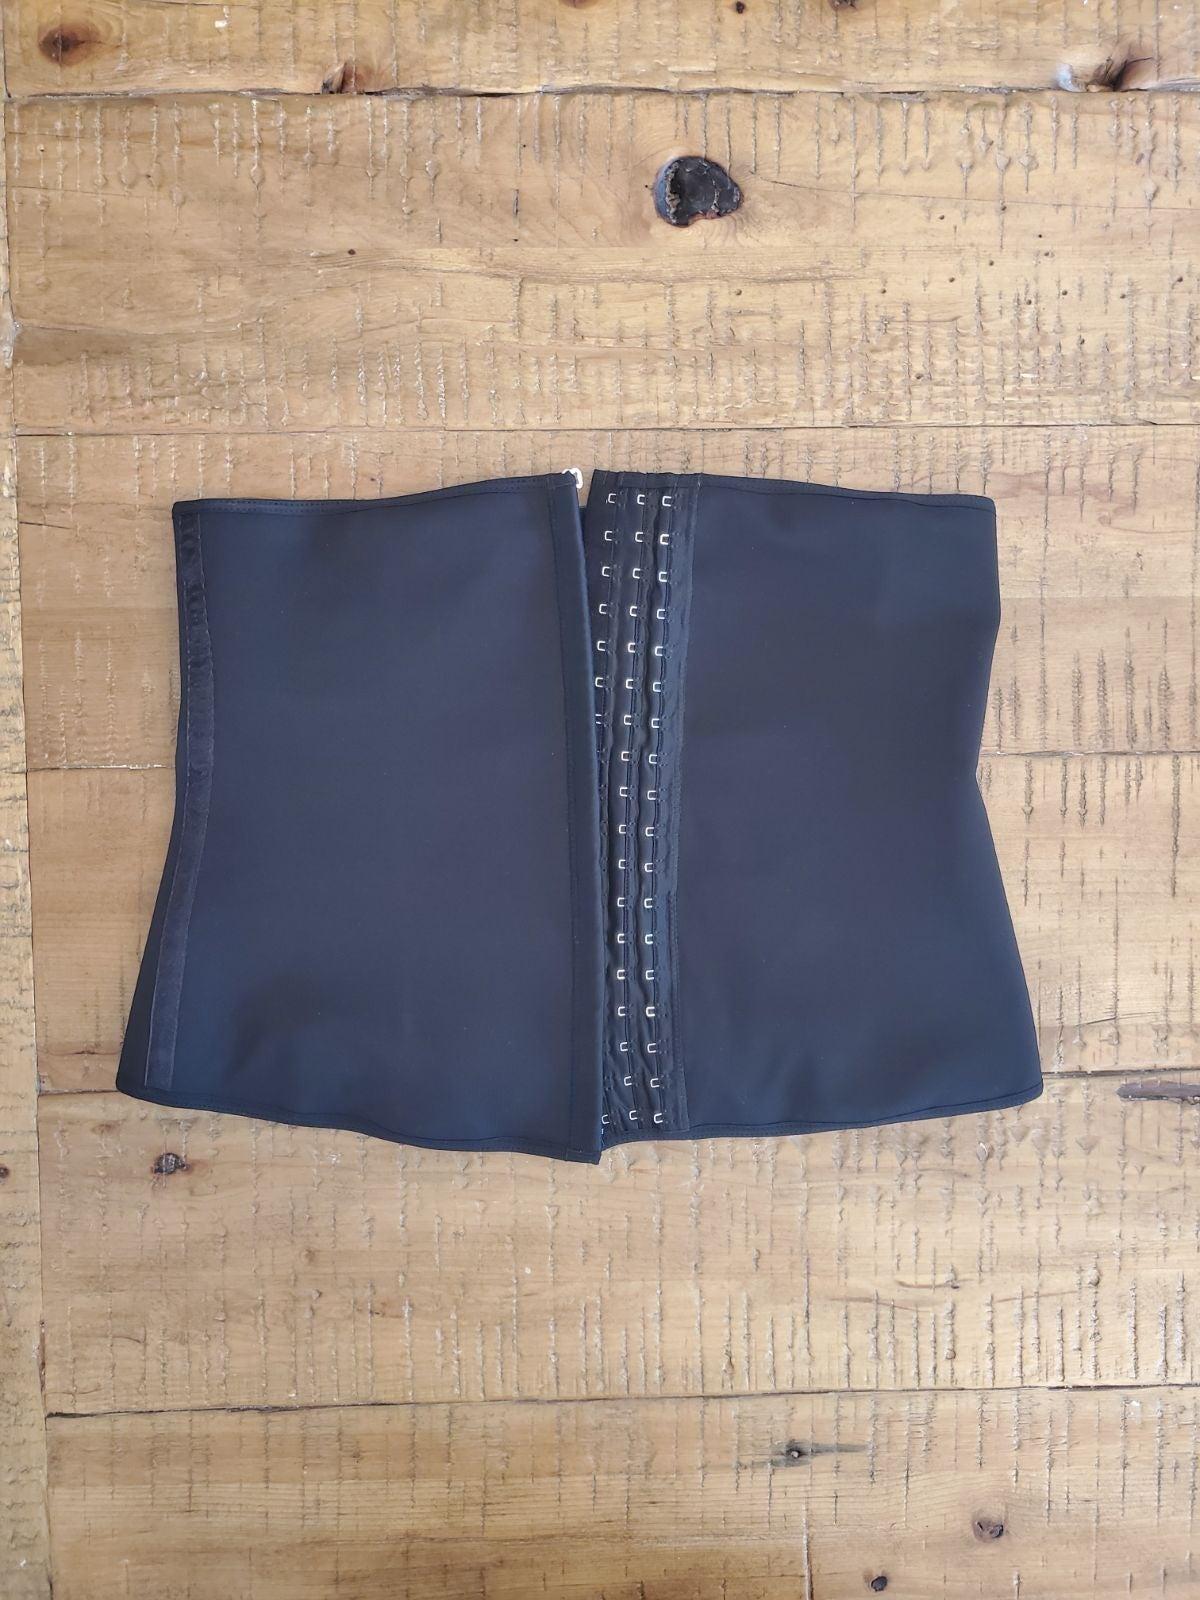 Vanna Belt 2.0 waist cincher XXXL